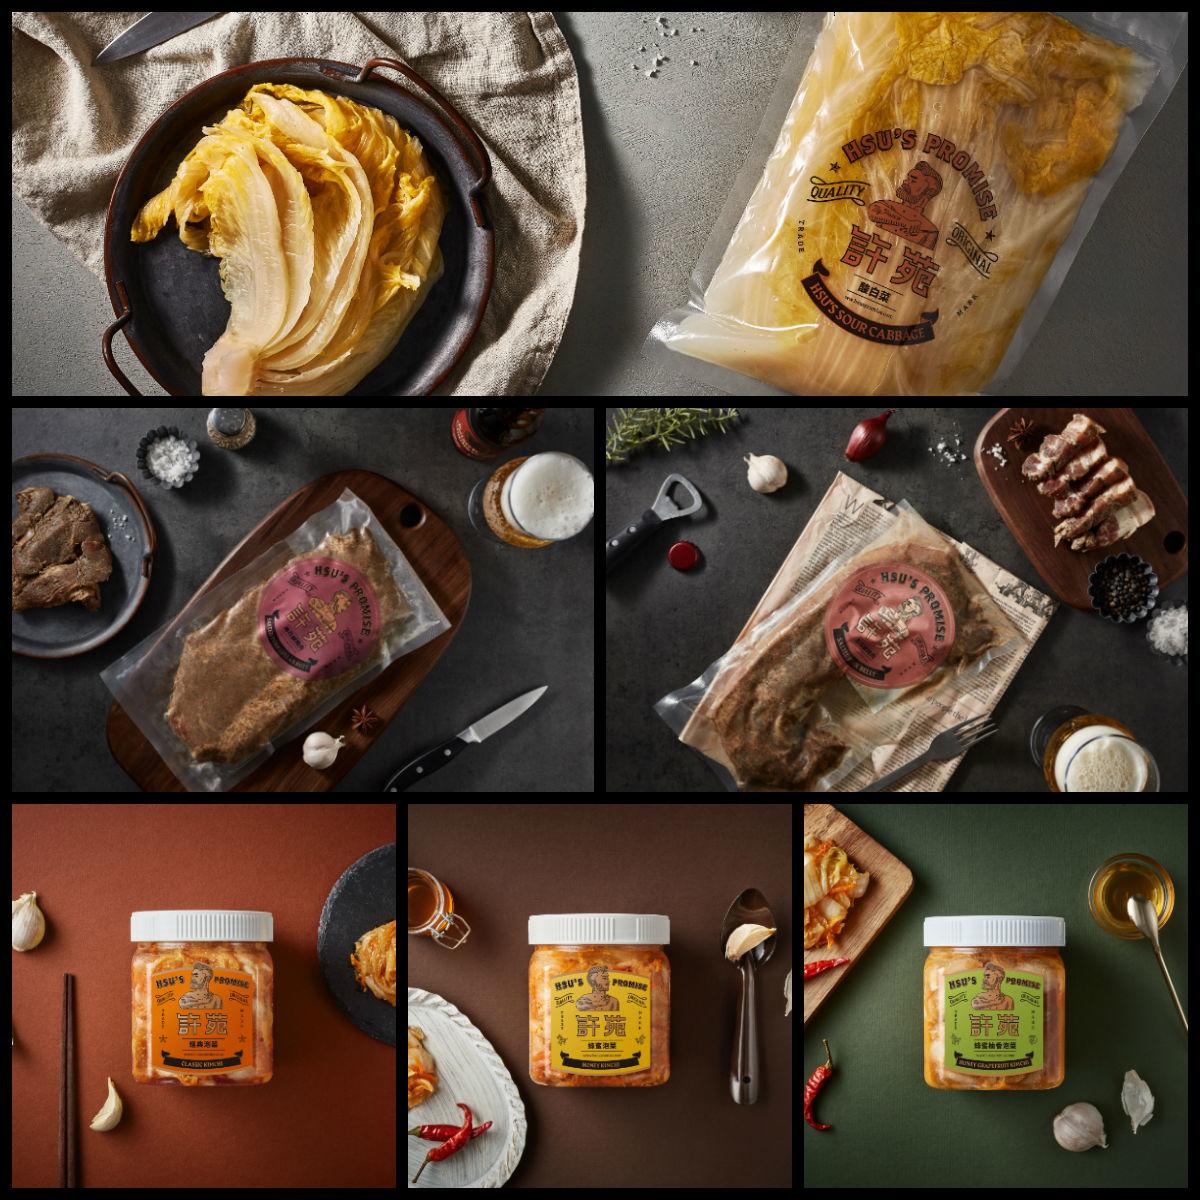 許苑全產品組合 泡菜組 鹹豬肉組 黃金酸白菜